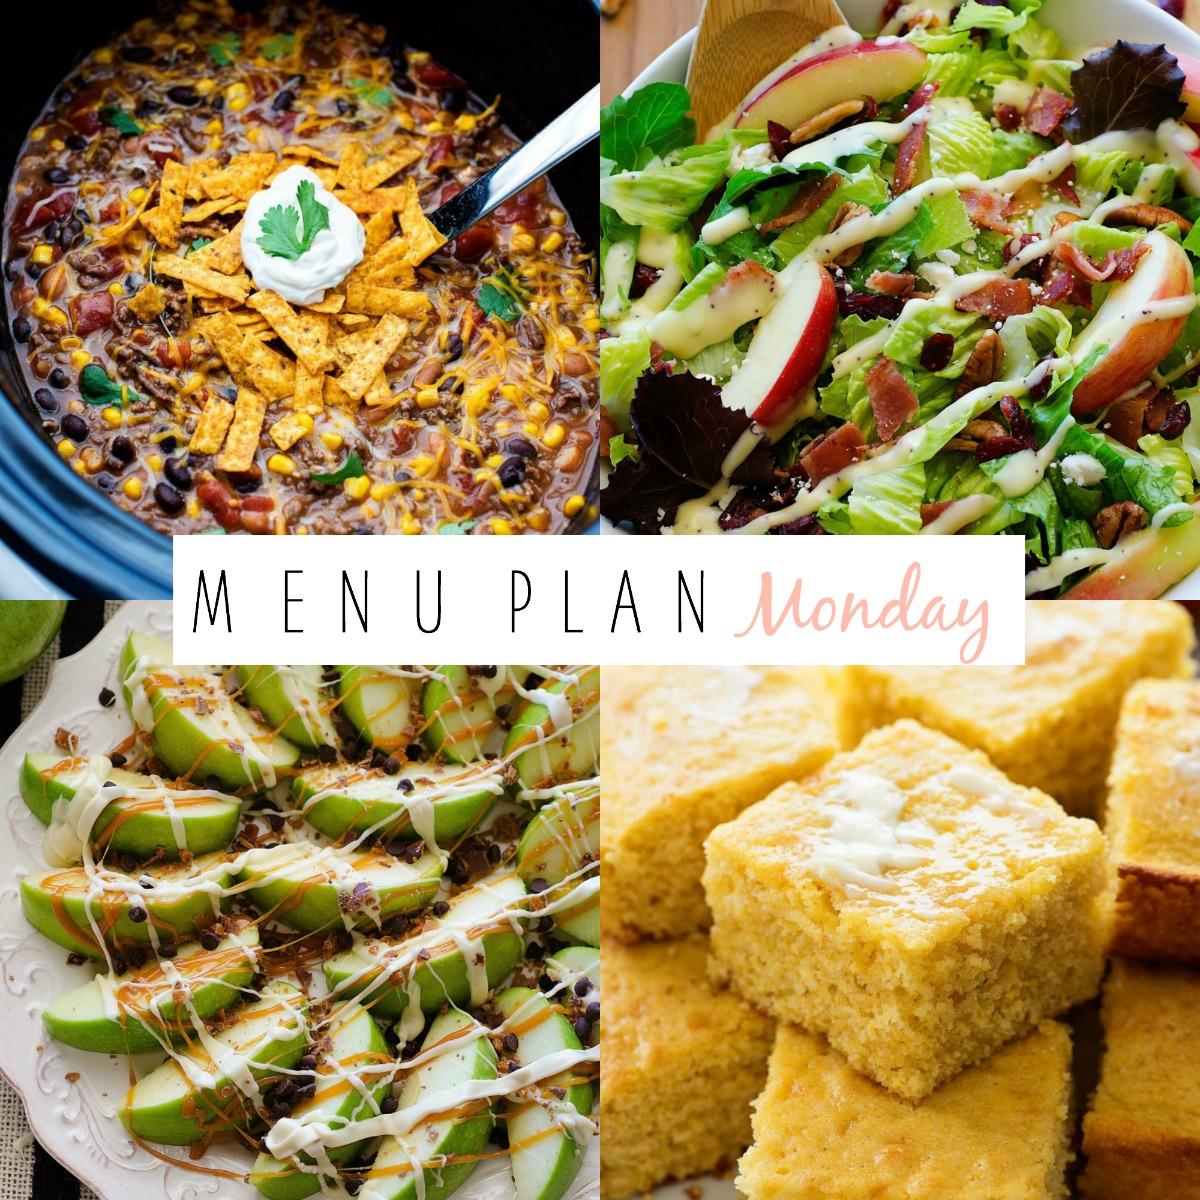 Menu Plan Monday #161